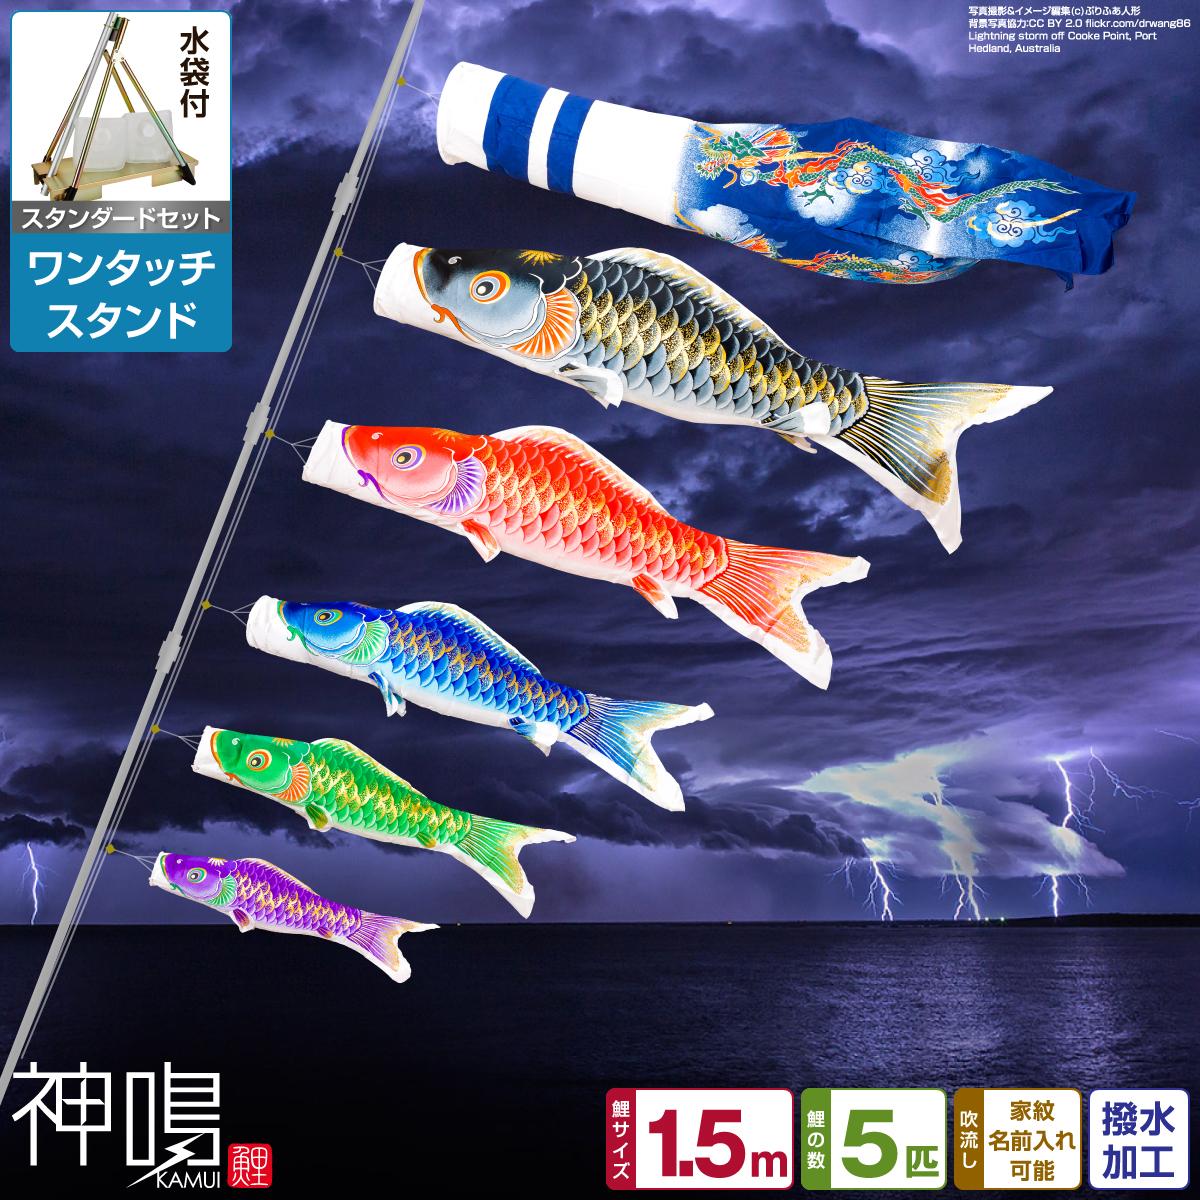 ベランダ用 鯉のぼり 神鳴鯉-KAMUI- 1.5m 8点(吹流し+鯉5匹+矢車+ロープ)/スタンダードセット(ワンタッチスタンド)